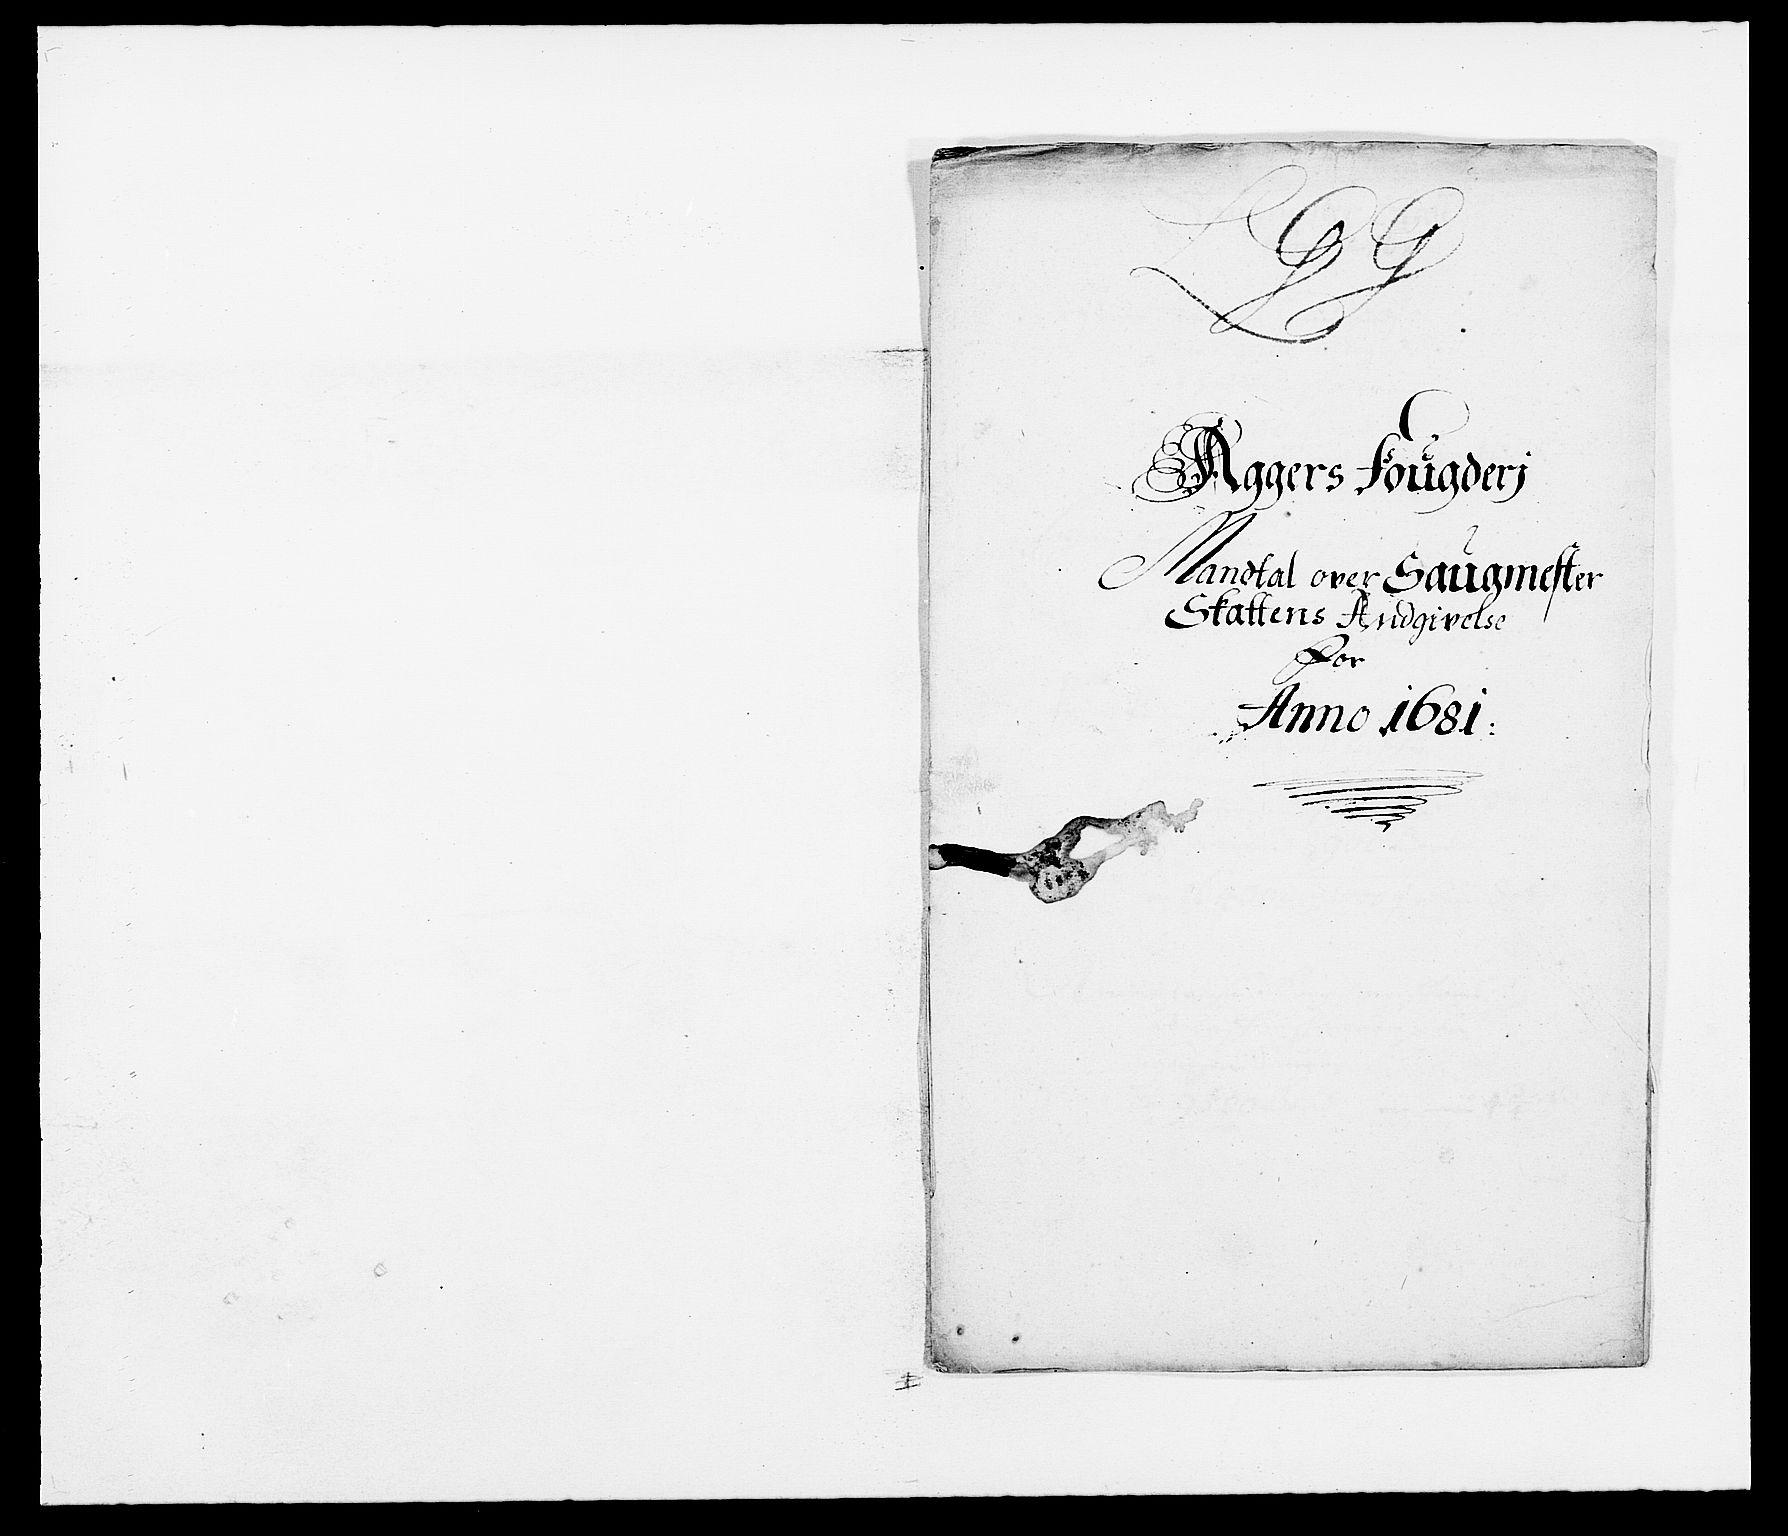 RA, Rentekammeret inntil 1814, Reviderte regnskaper, Fogderegnskap, R08/L0417: Fogderegnskap Aker, 1678-1681, s. 275